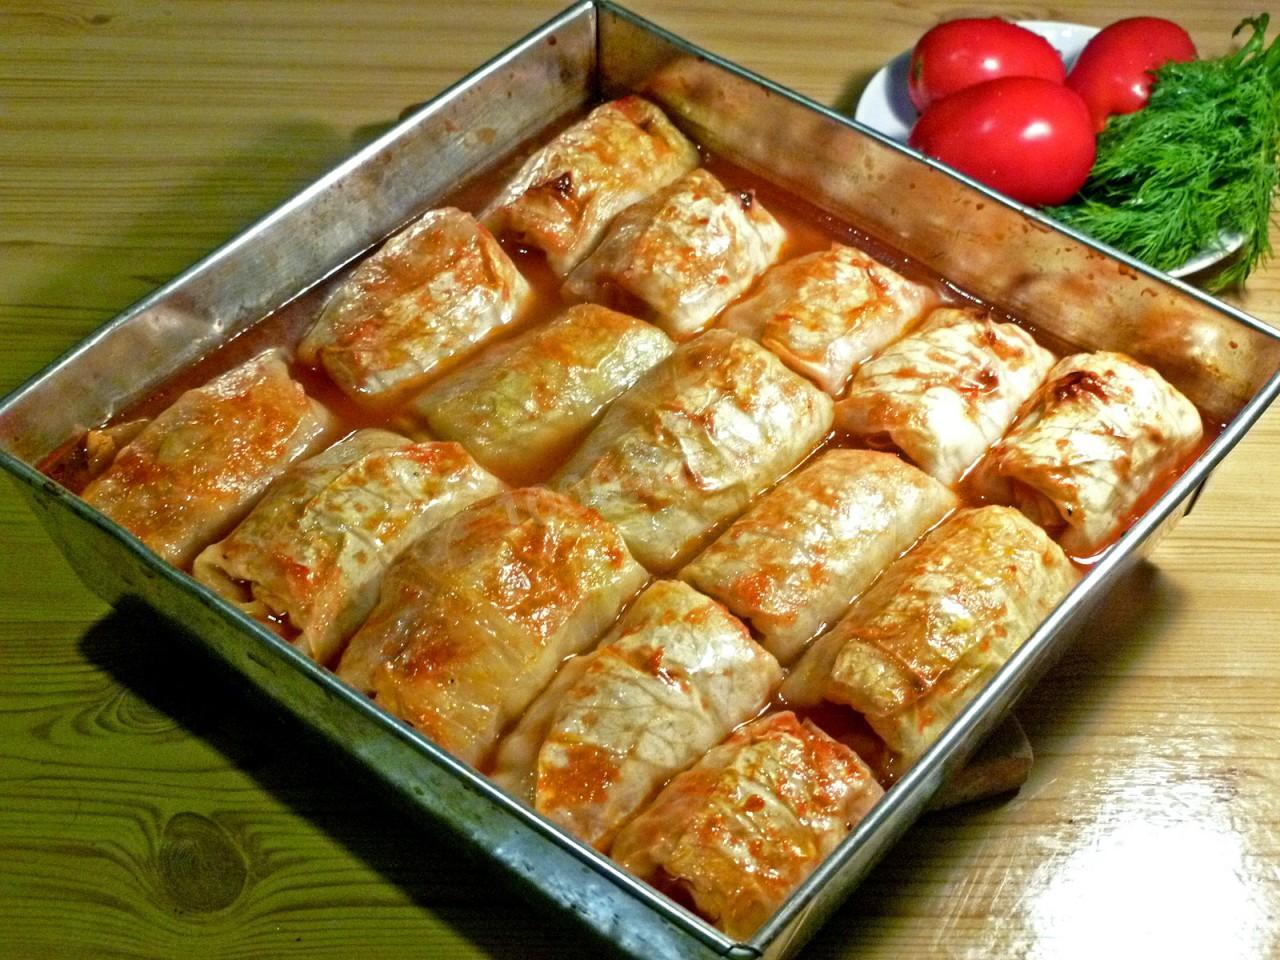 Жаркое из говядины (30 рецептов с фото) - рецепты с фотографиями на поварёнок.ру